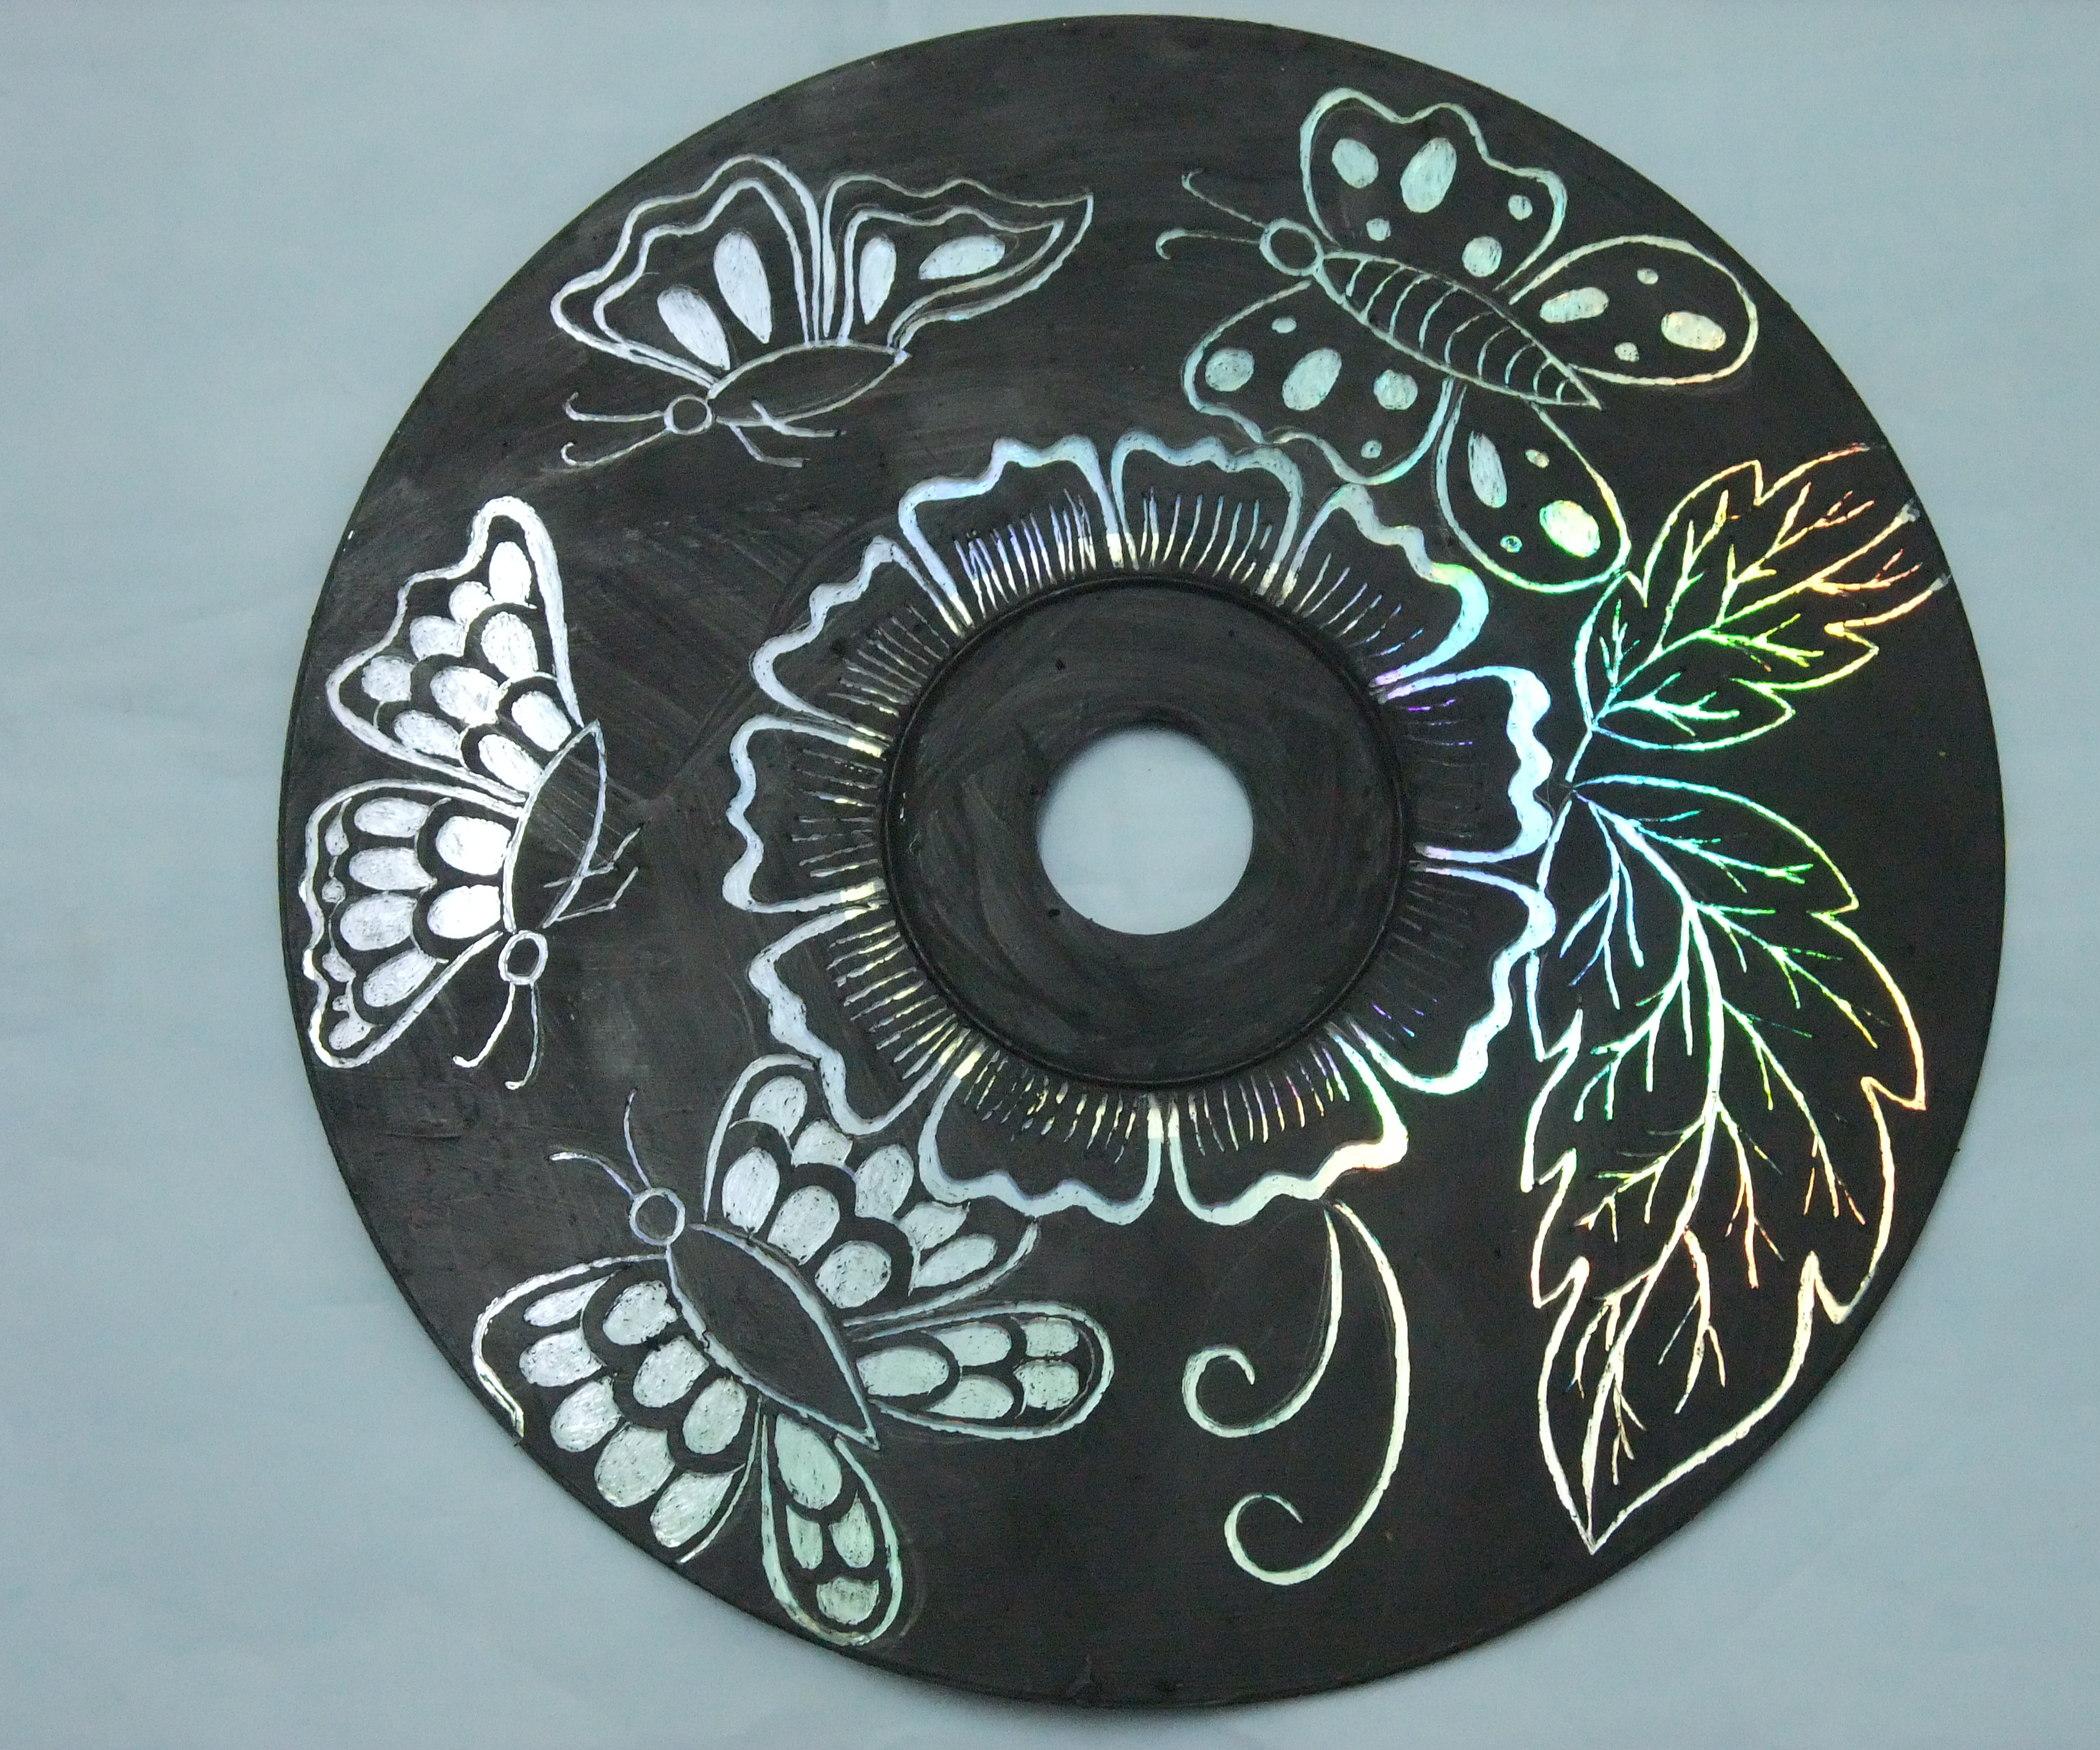 Artwork on cd clip art freeuse library Art on cds - ClipartFest clip art freeuse library